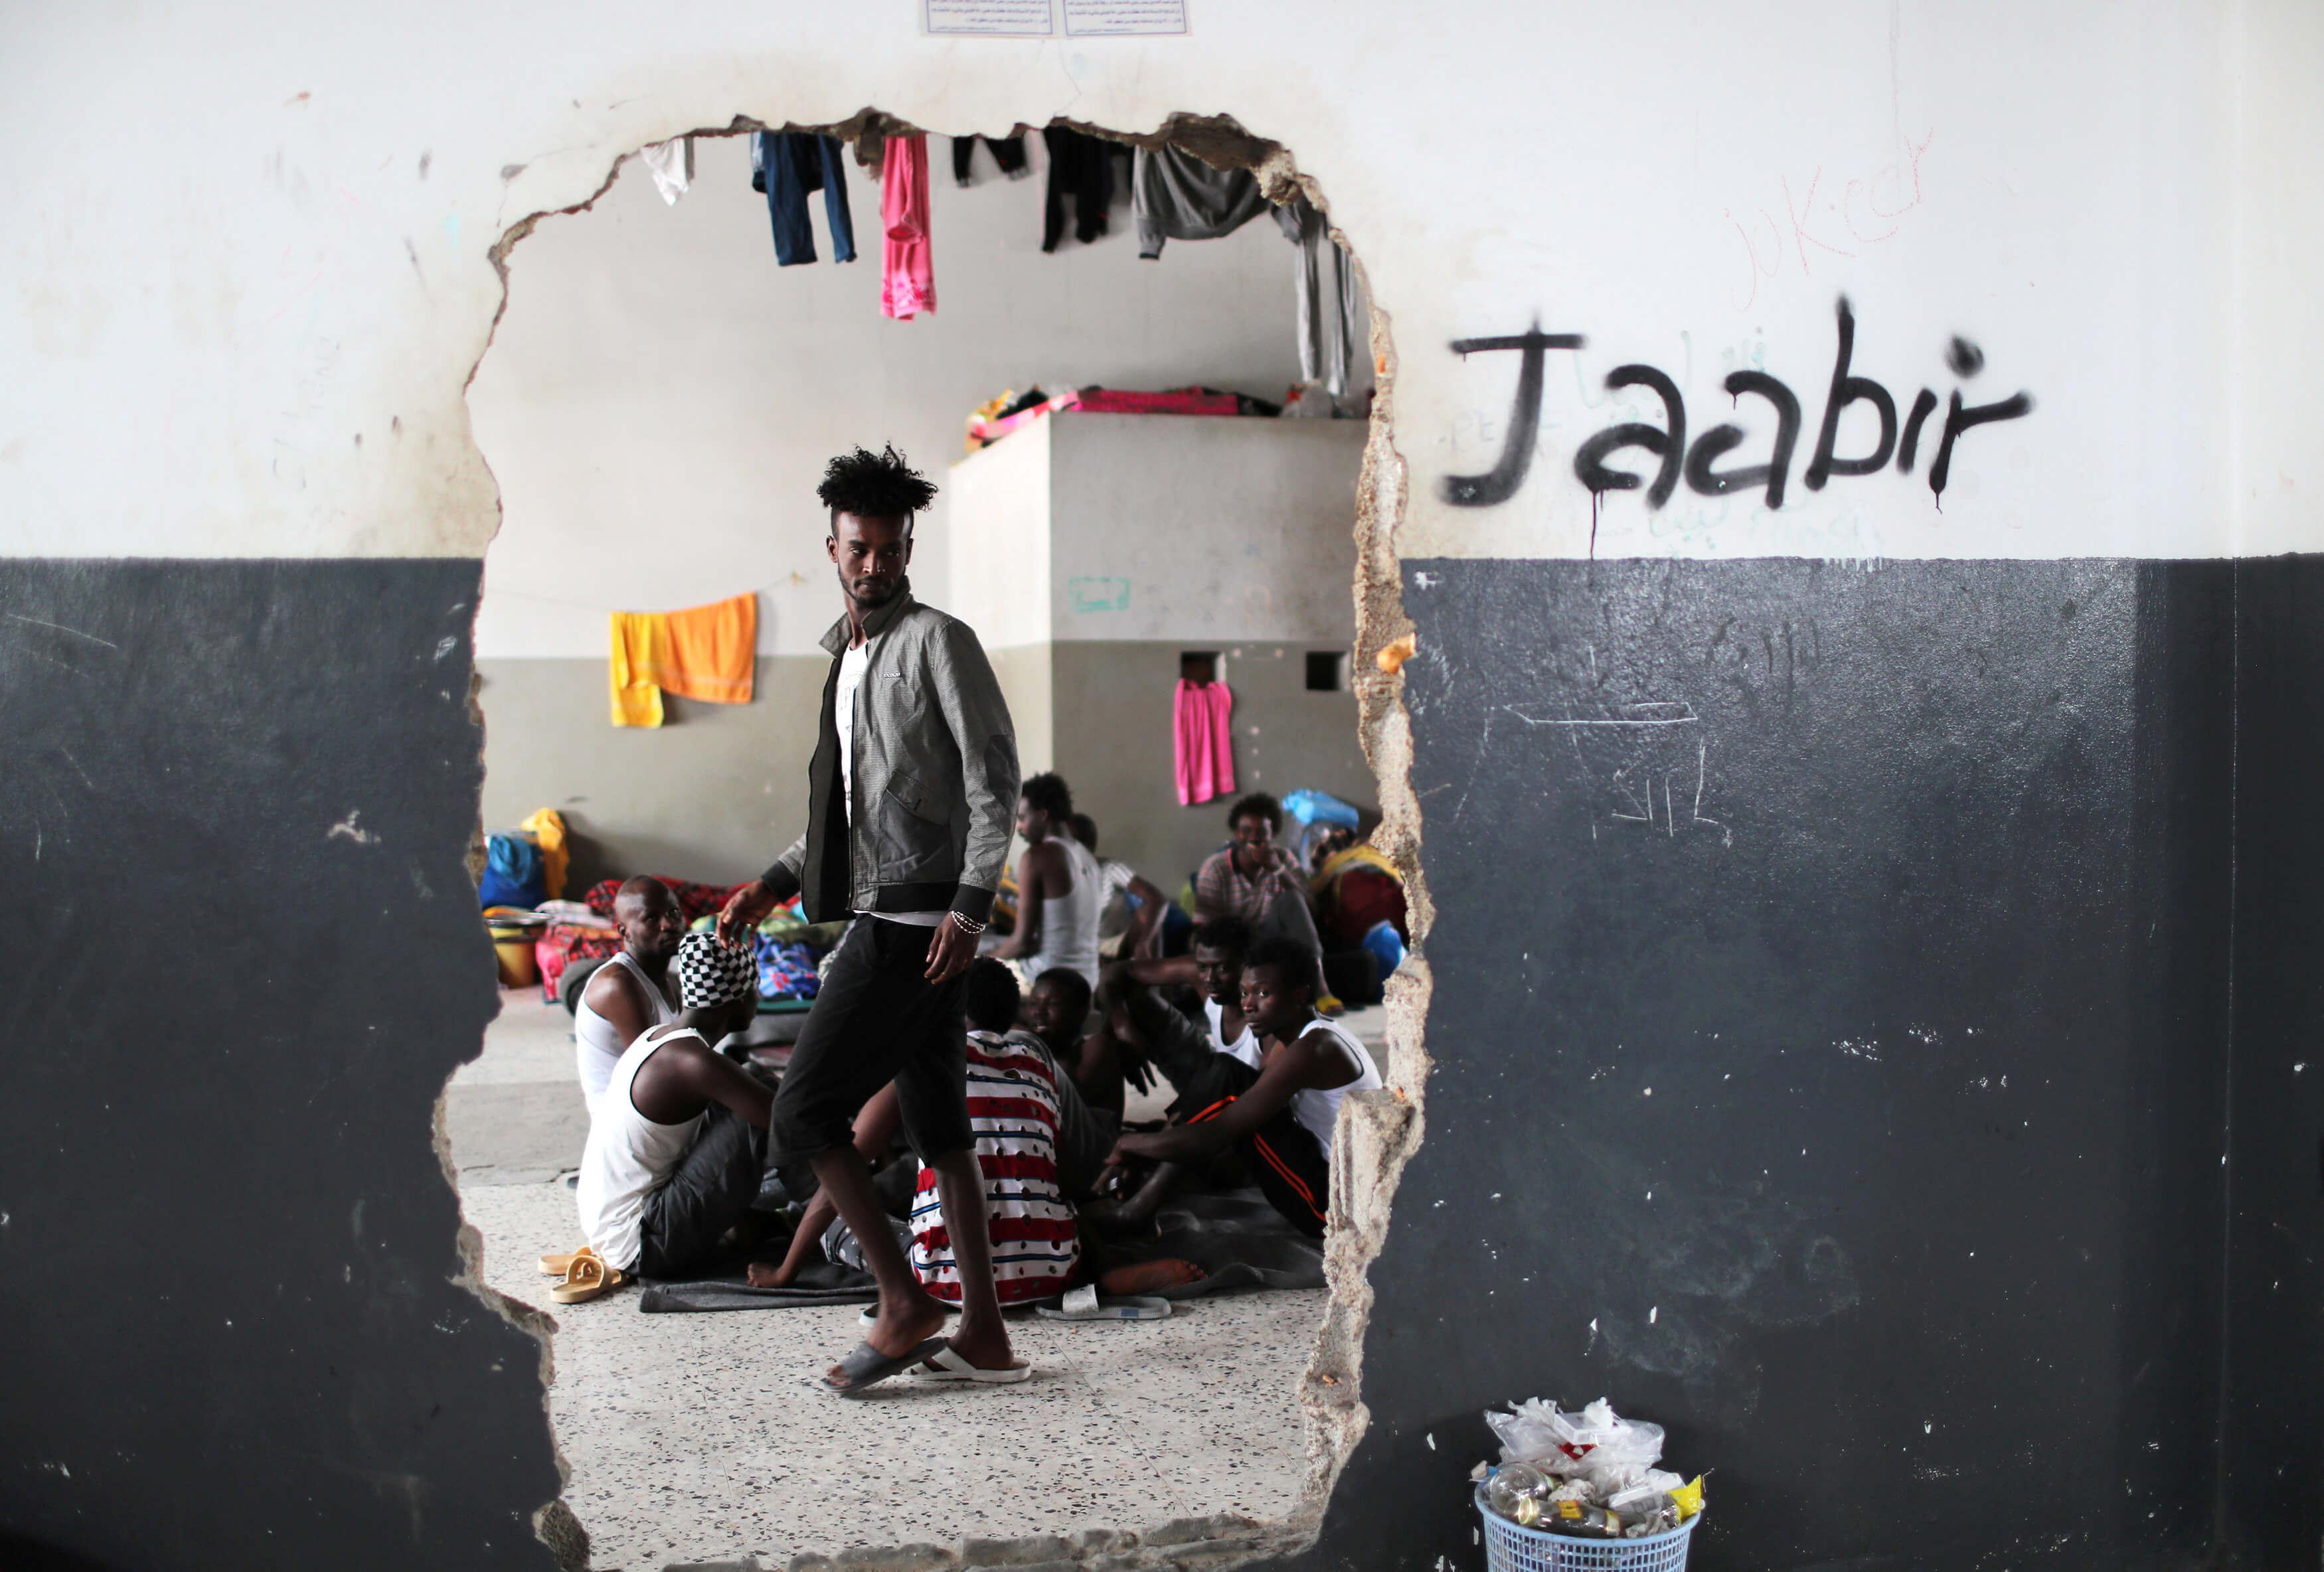 Φρίκη στη Λιβύη: Βιασμοί και καταναγκαστικό σεξ με αντάλλαγμα νερό και φαγητό